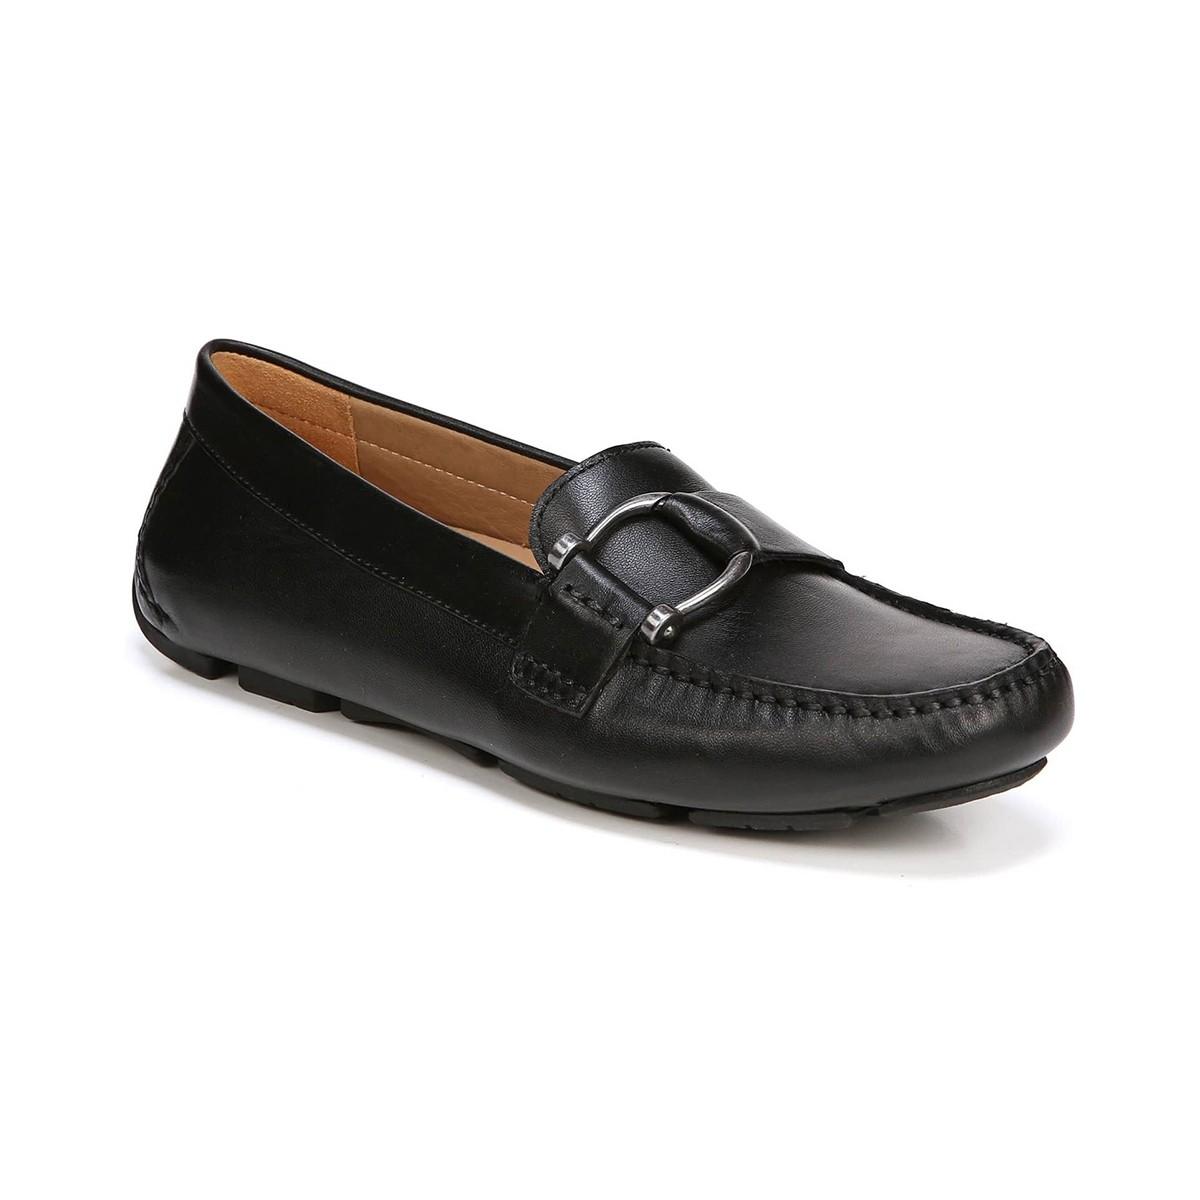 Nara Shoes Review